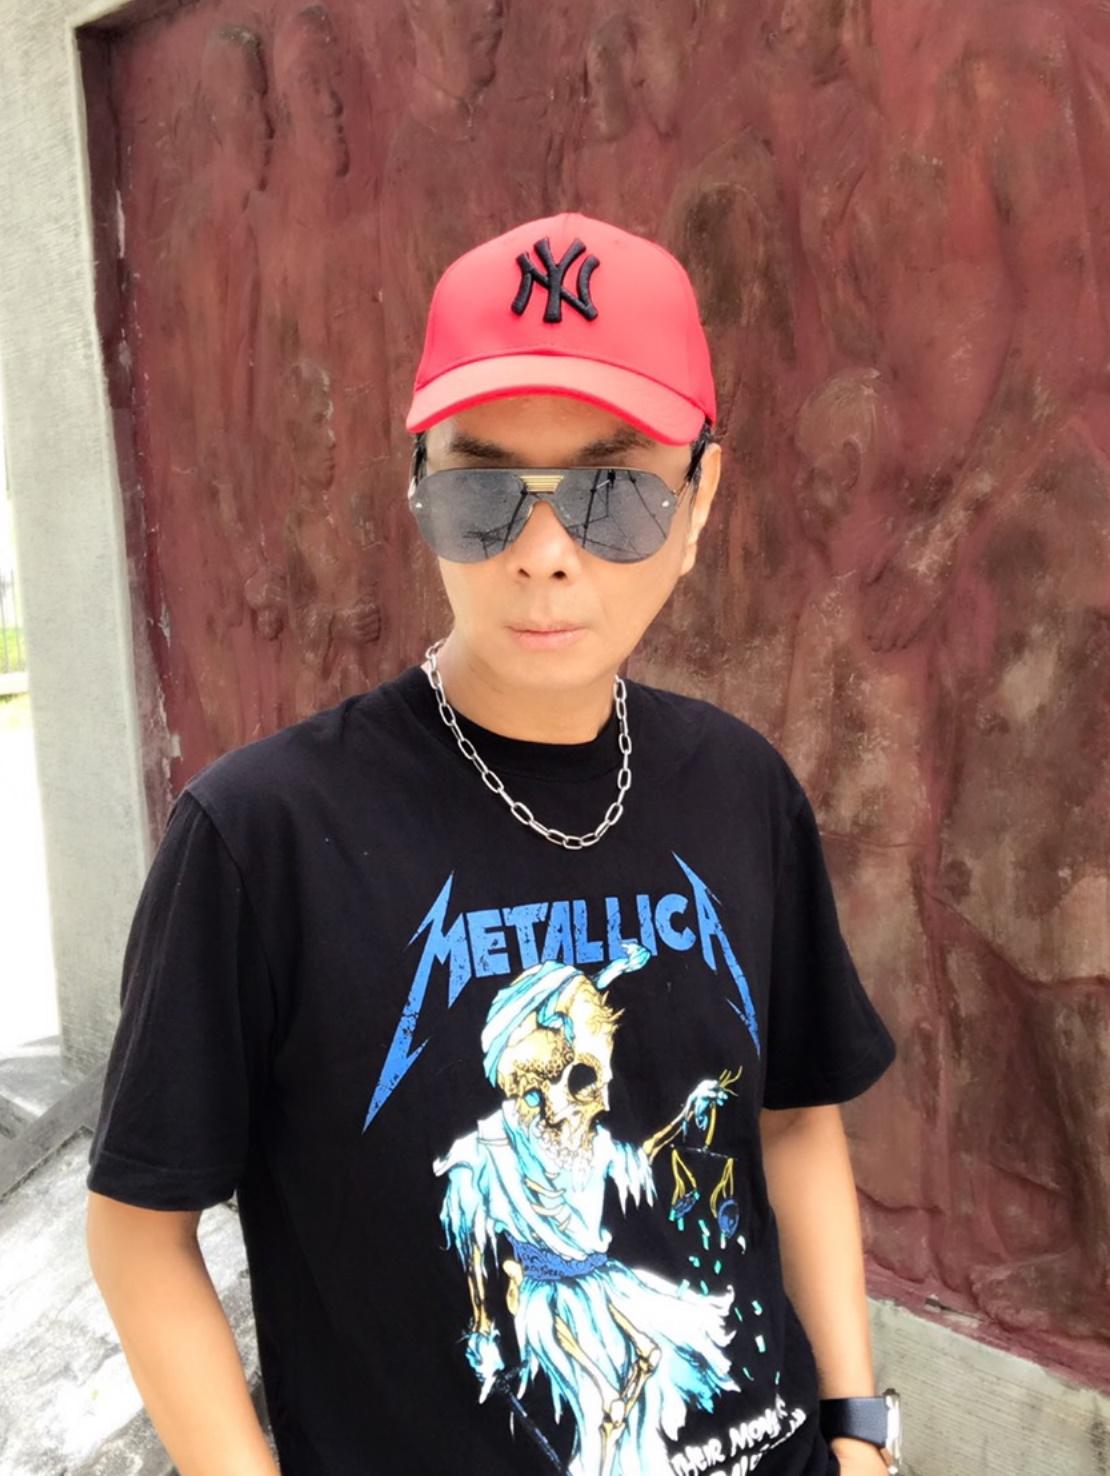 徐瑋完美詮釋【Metallica】重金屬合唱團,2017設計款潮T。